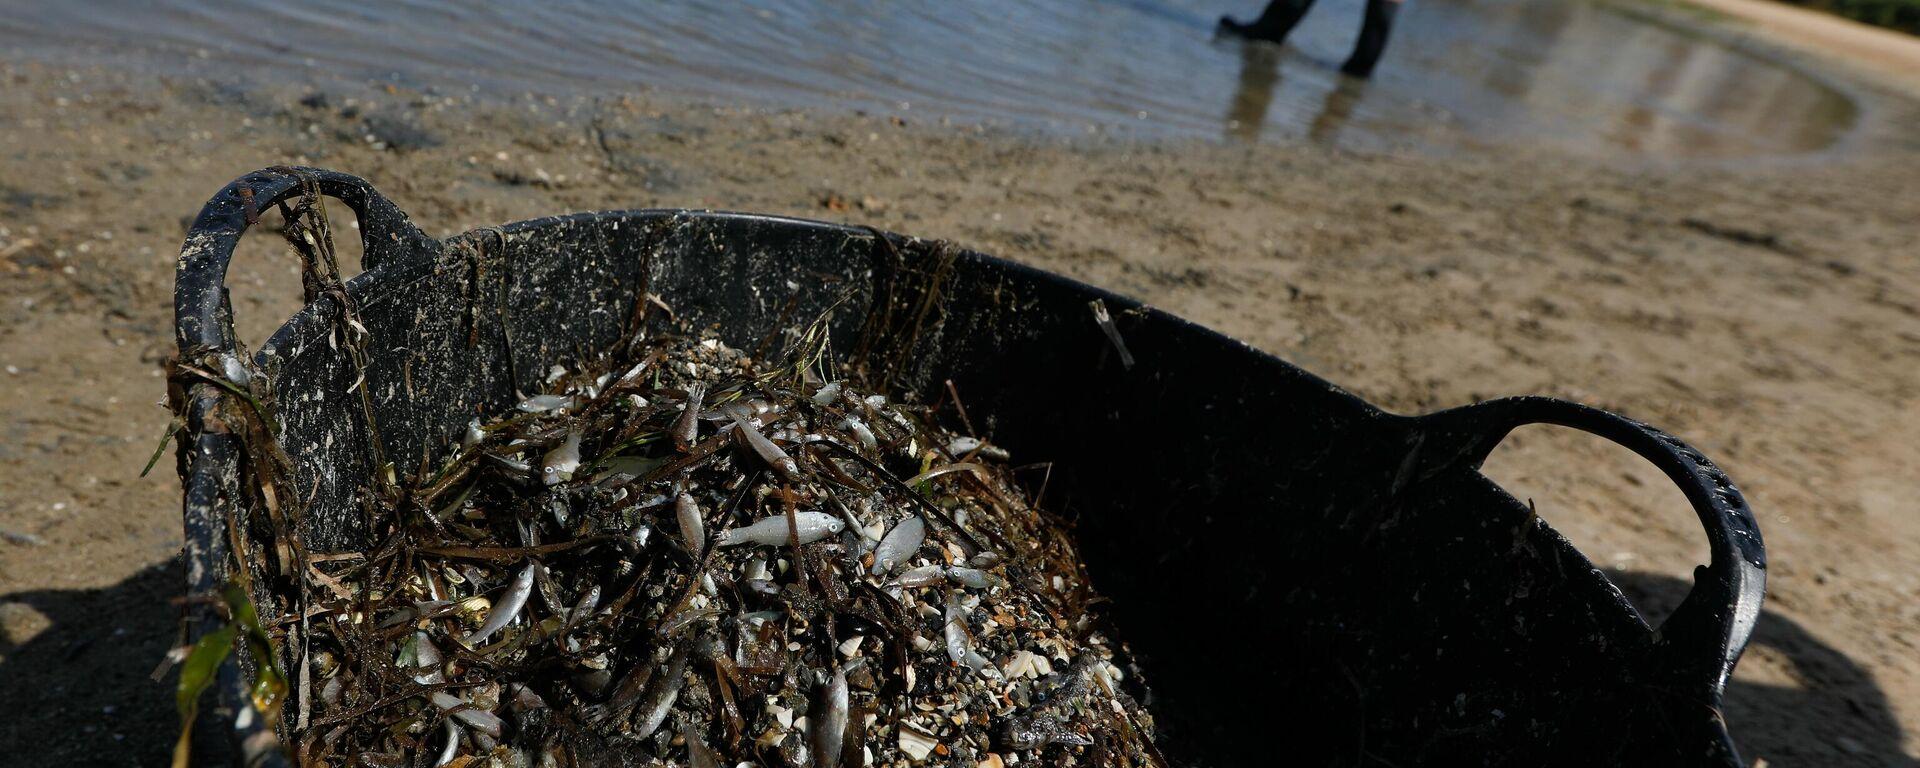 Una persona recoge ejemplares de peces muertos que han aparecido en varias zonas del Mar Menor - Sputnik Mundo, 1920, 24.08.2021